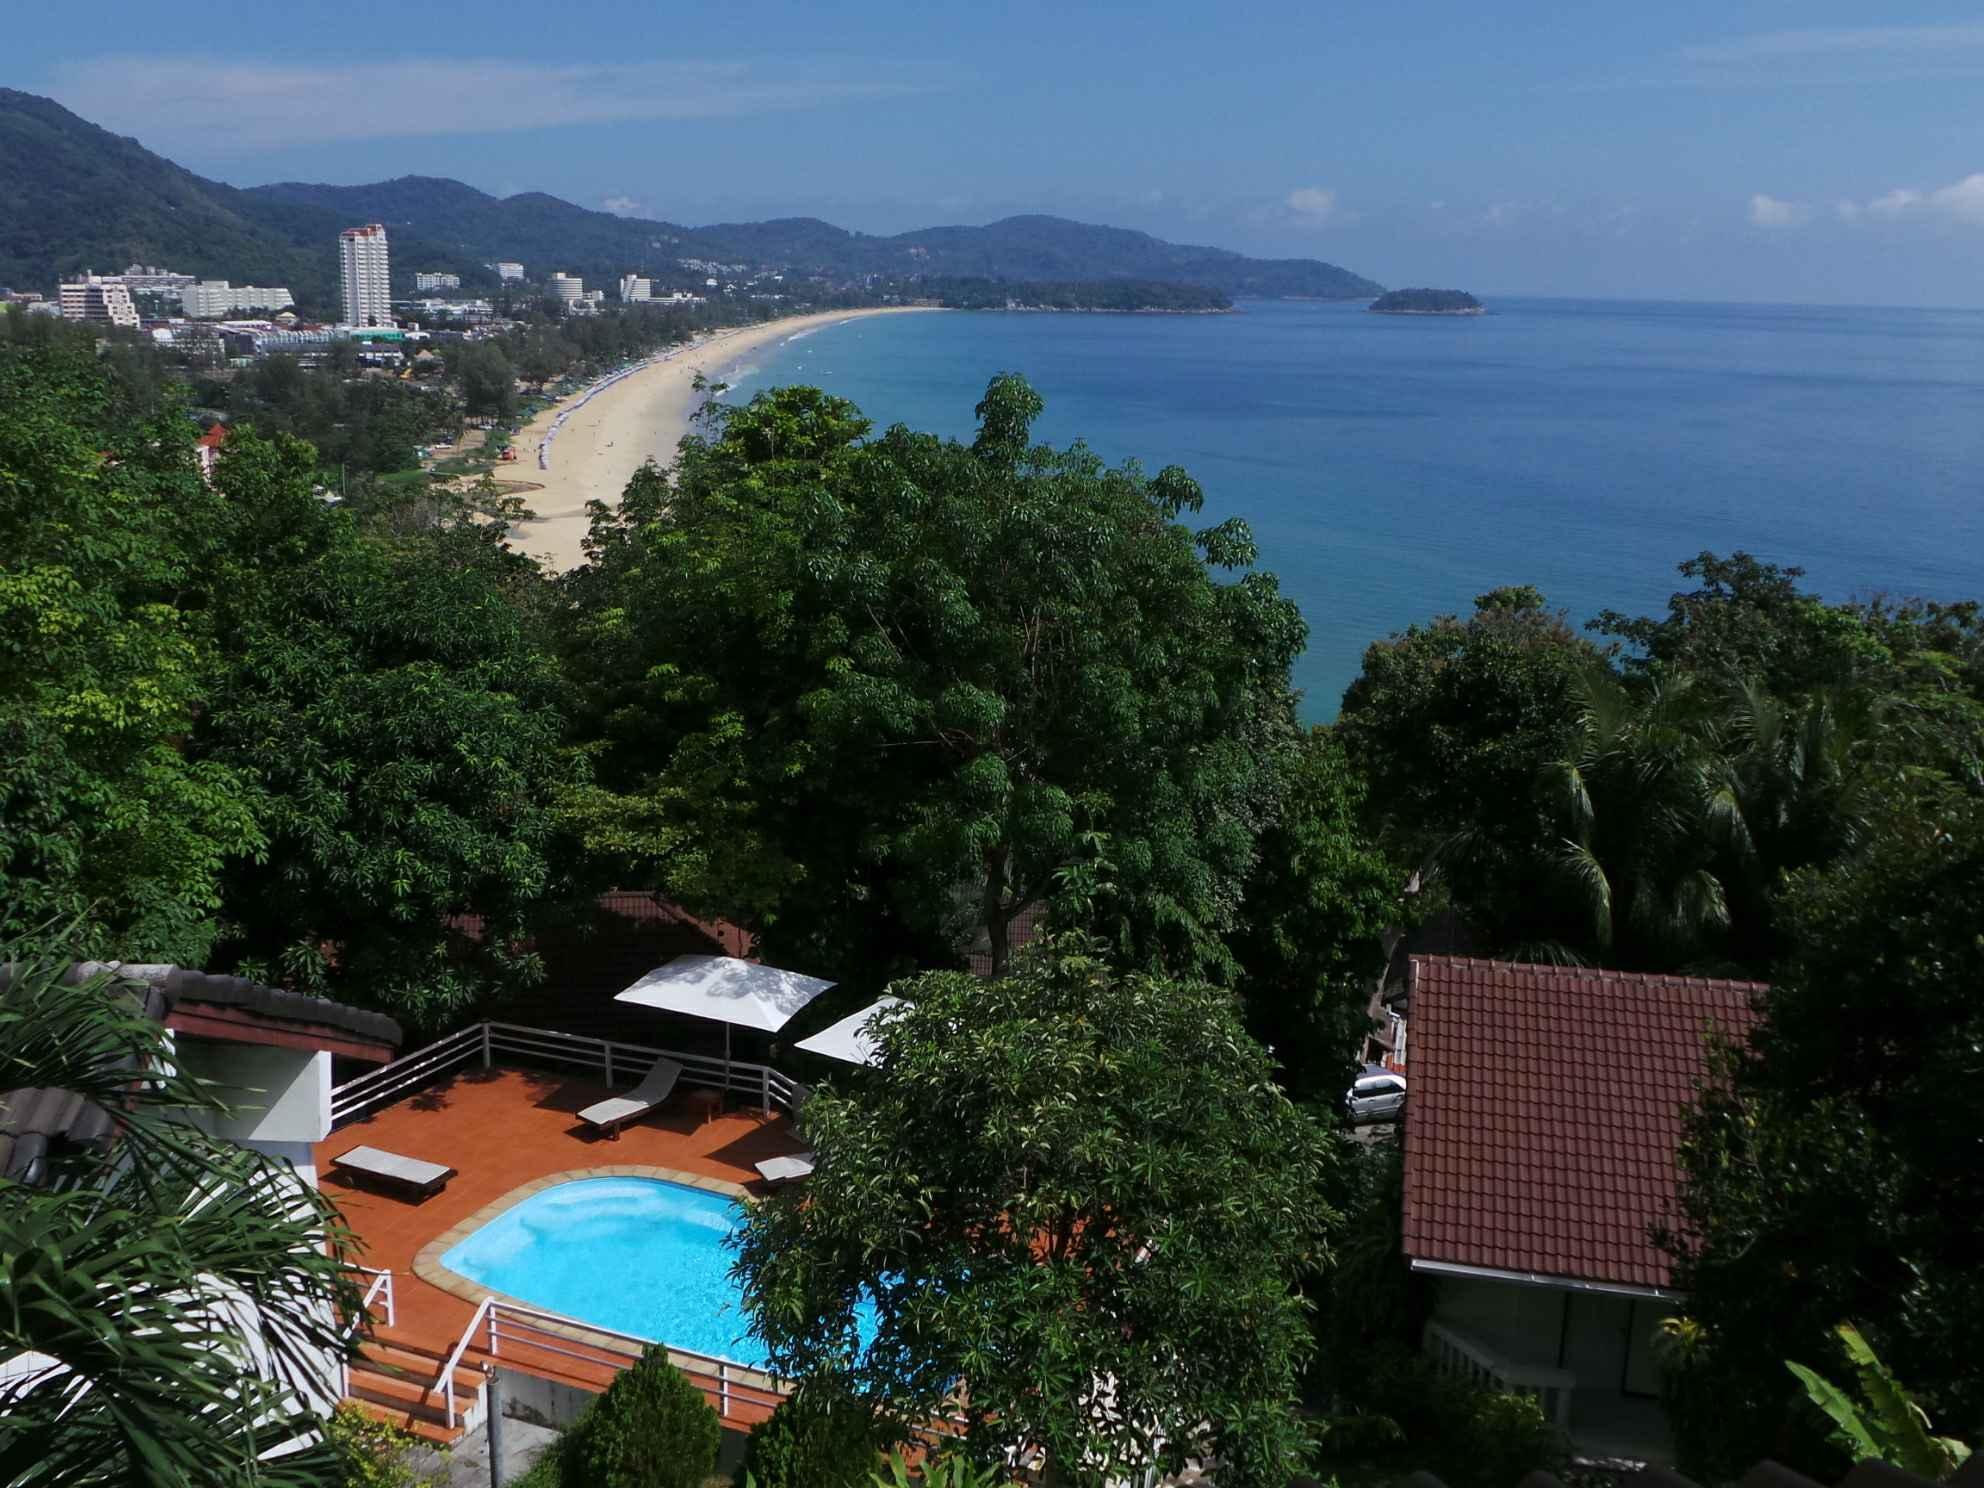 On The Hill Karon Resort ออน เดอะ ฮิลล์ กะรน รีสอร์ต